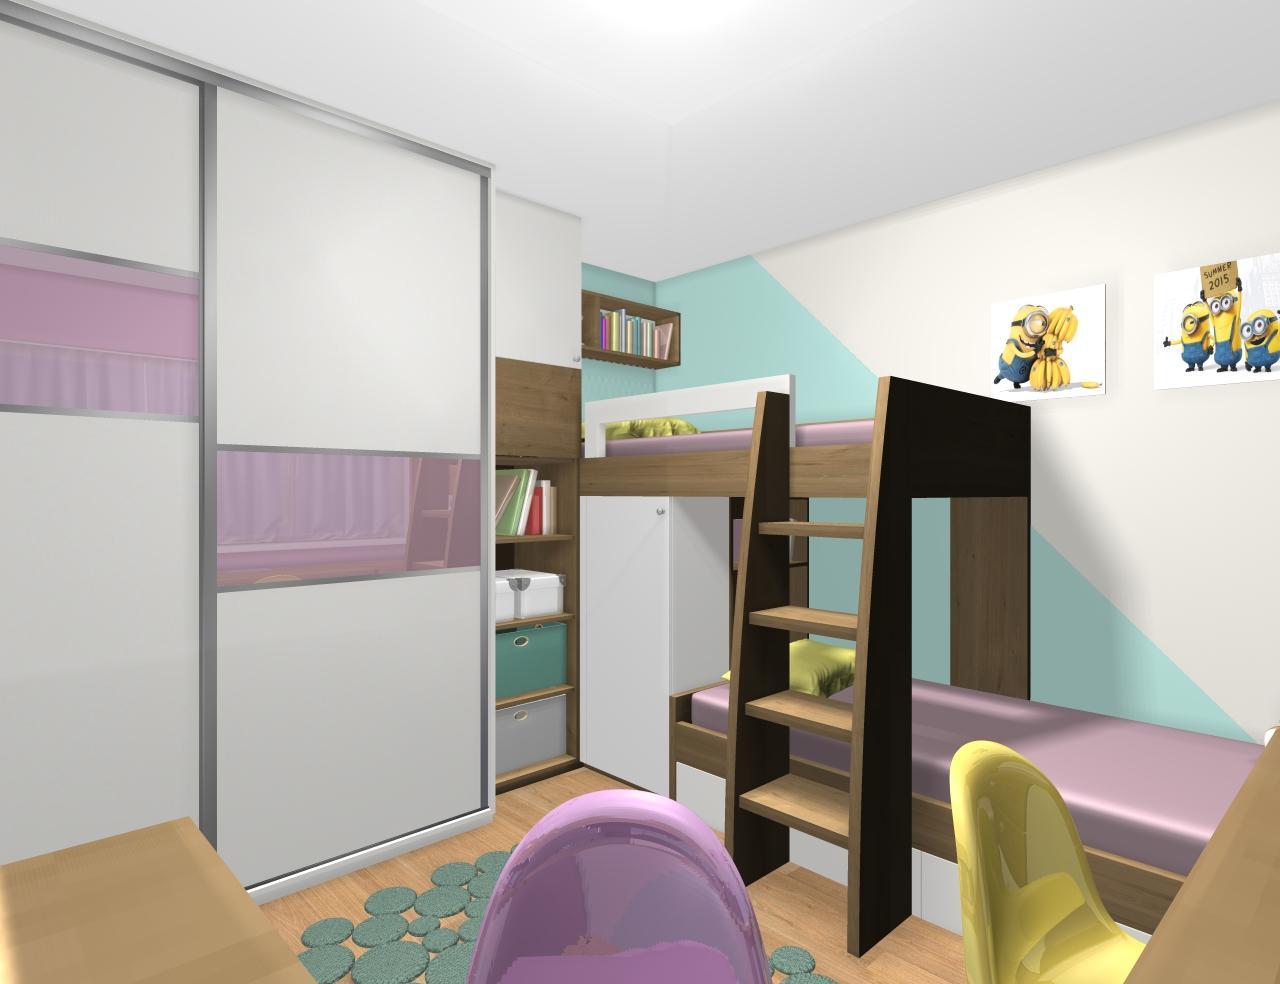 Grafické návrhy interiér 2019 - Grafický návrh detskej izby pre dve dievčatká - verzia 1 - obr.1